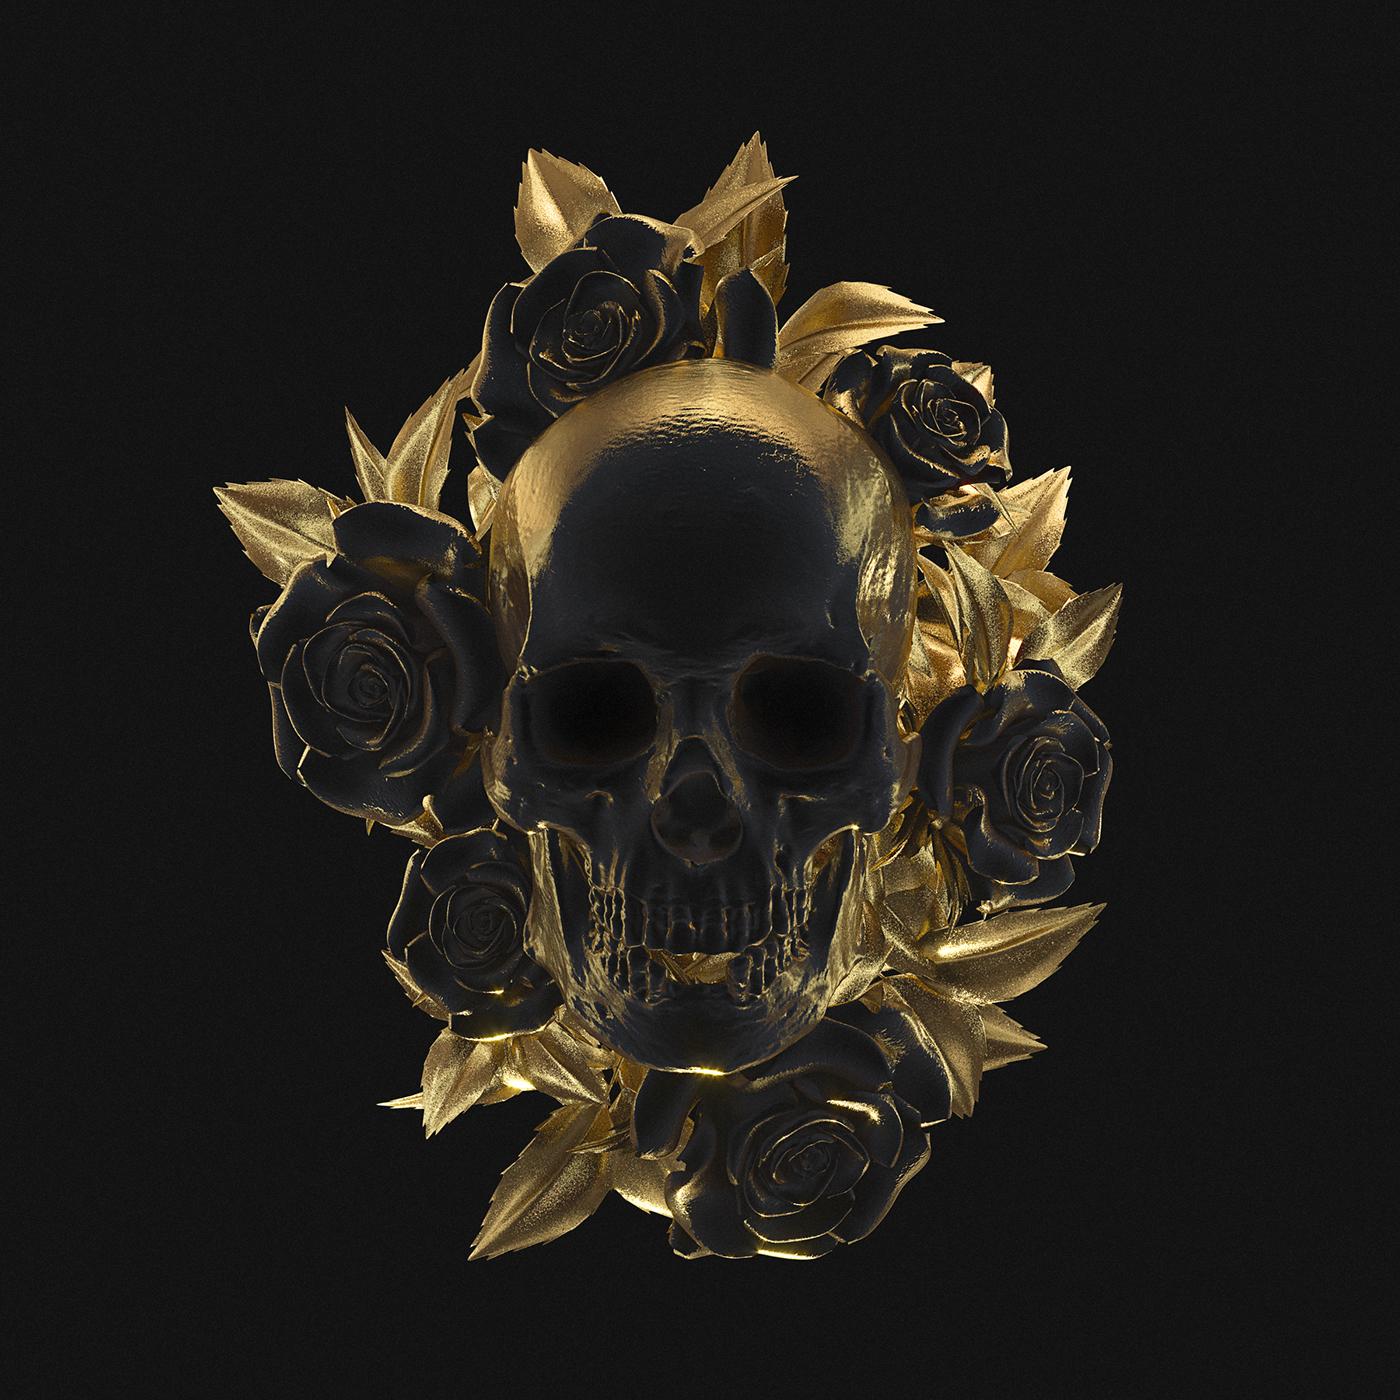 если хотите золотой череп картинка узнаете, что